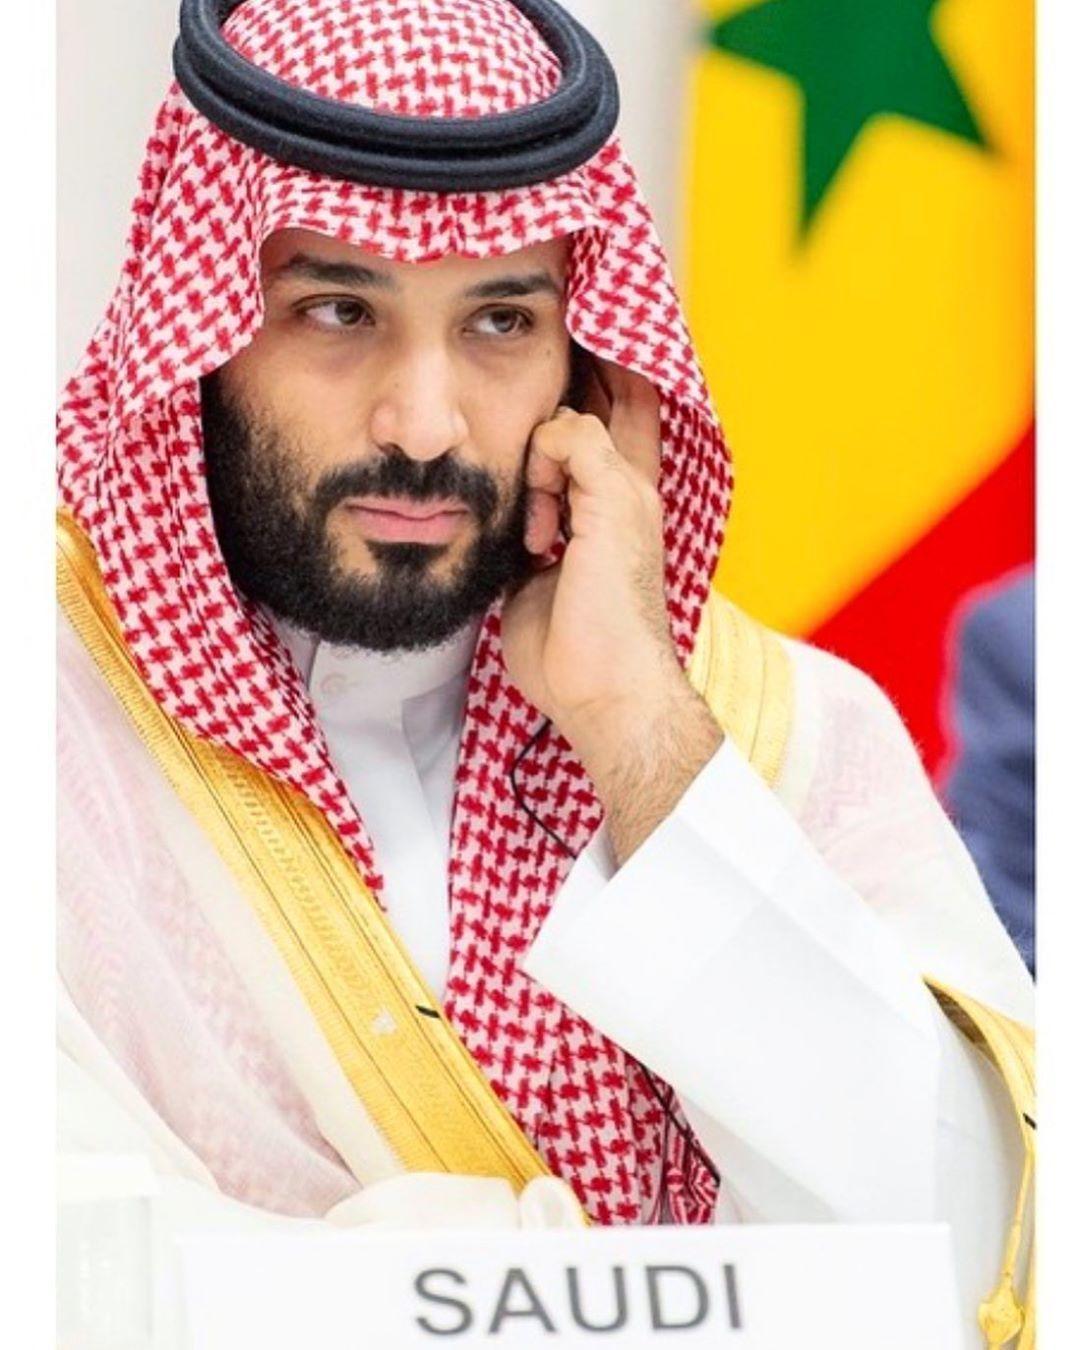 سمو ولي العهد خلال اجتماعه مع قادة مجموعة العشرين بأوساكا محمد بن سلمان في قمة العشرين Photography Inspiration Portrait Saudi Men Celebrity Stars